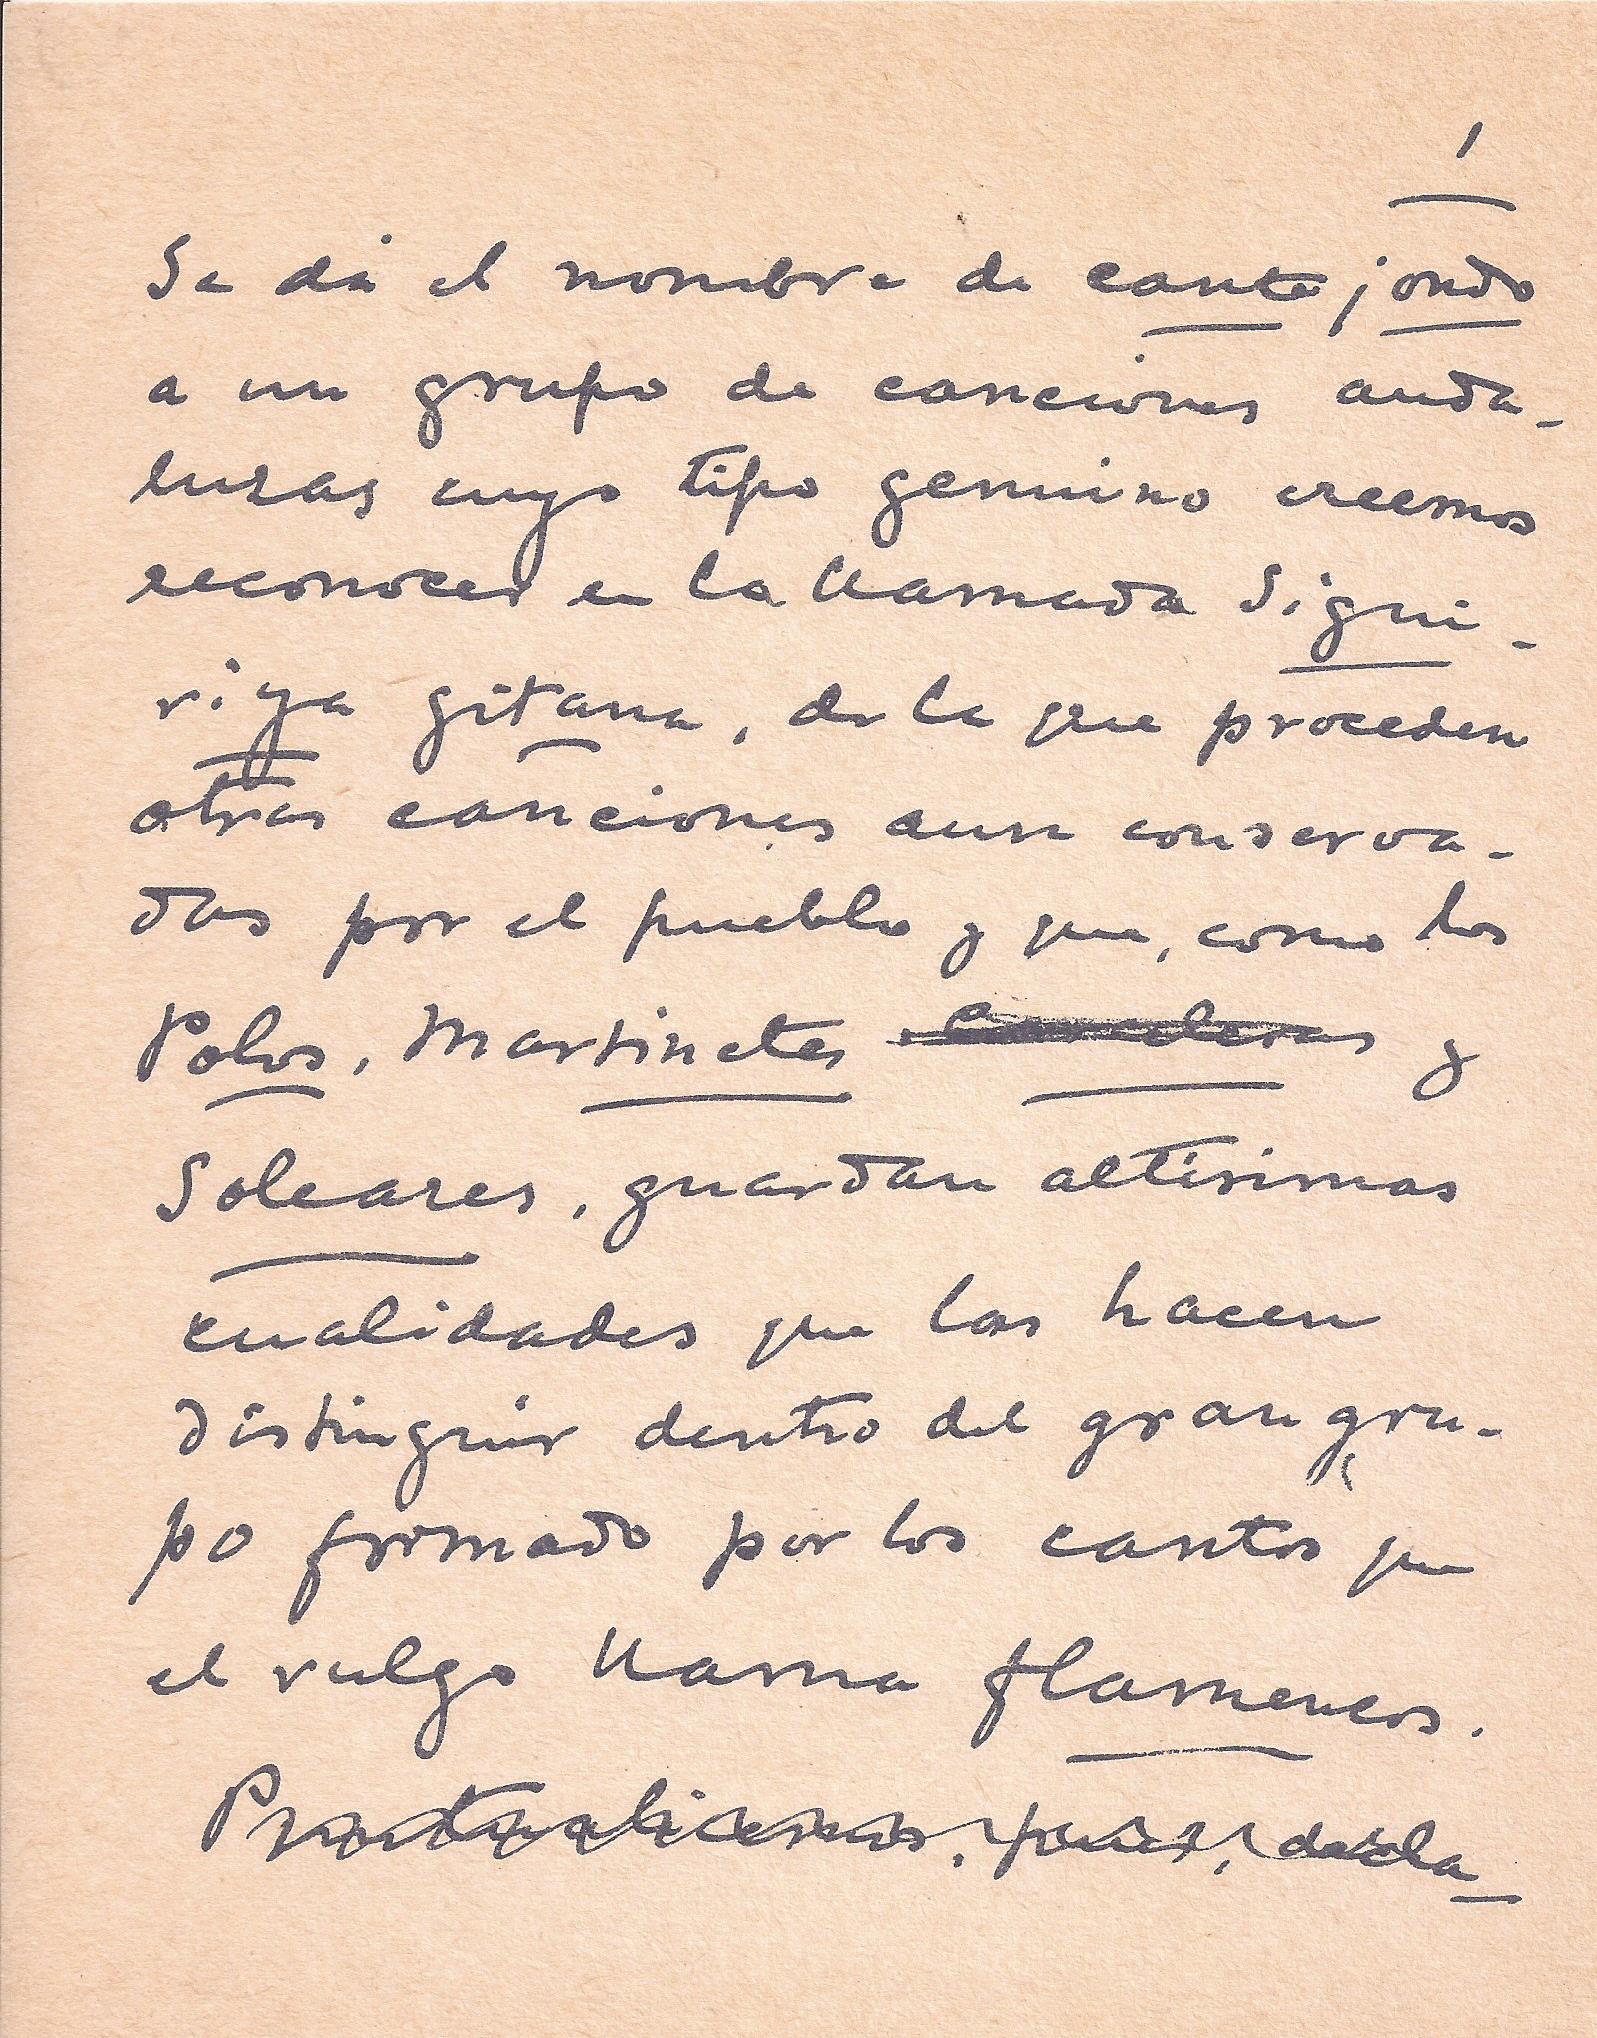 Primera página manuscrita del artículo de Manuel de Falla sobre el Cante Jondo.